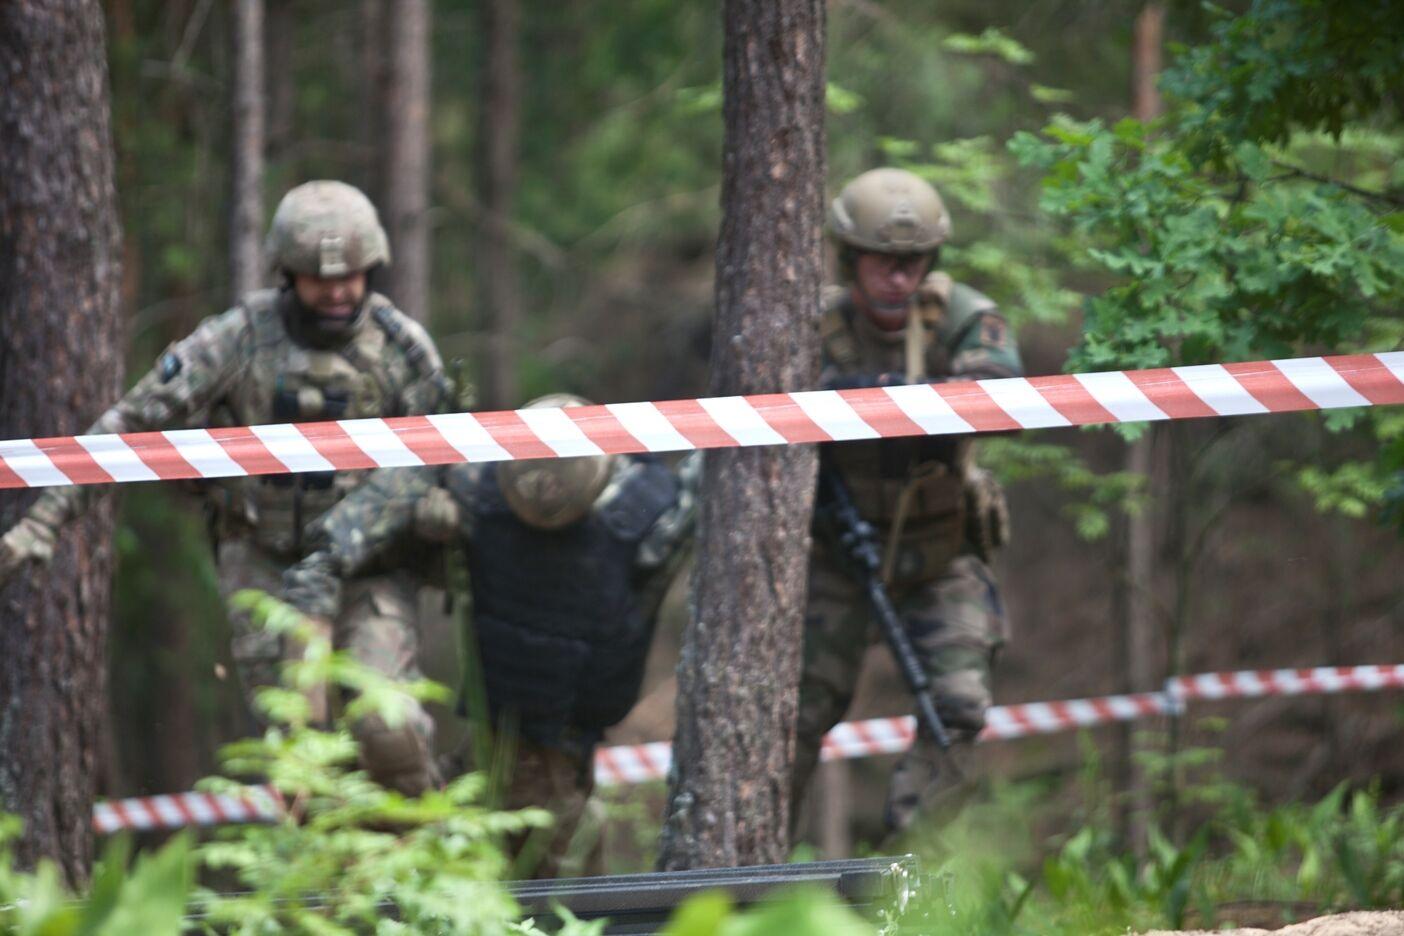 Соревновались спецназначенцы и гражданские спортсмены-чемпионы, бойцы территориальной̈ обороны и военные запаса